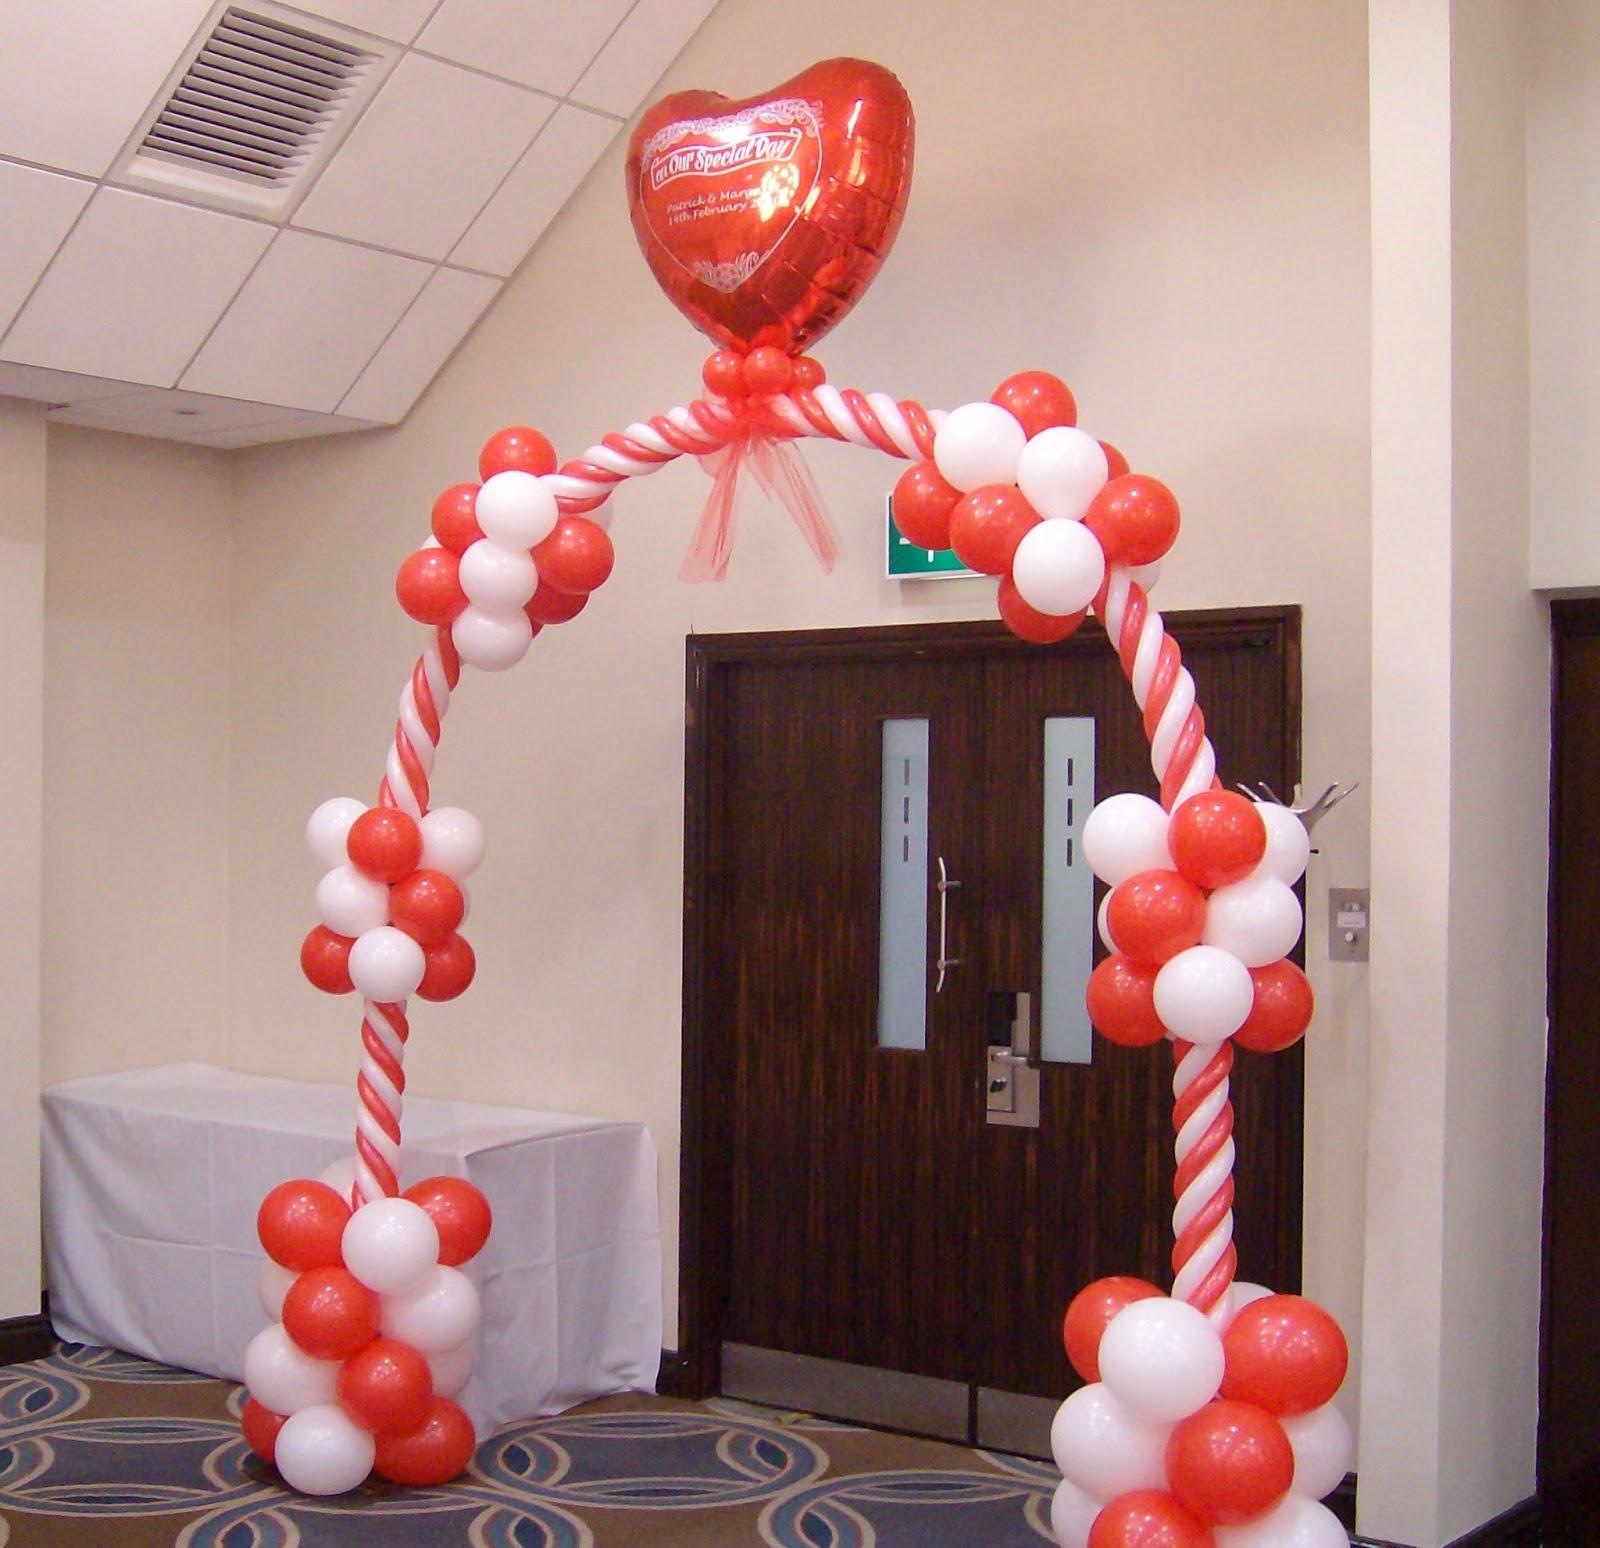 Decoraciones con globos para el dia de los enamorados en - Decoracion en granada ...